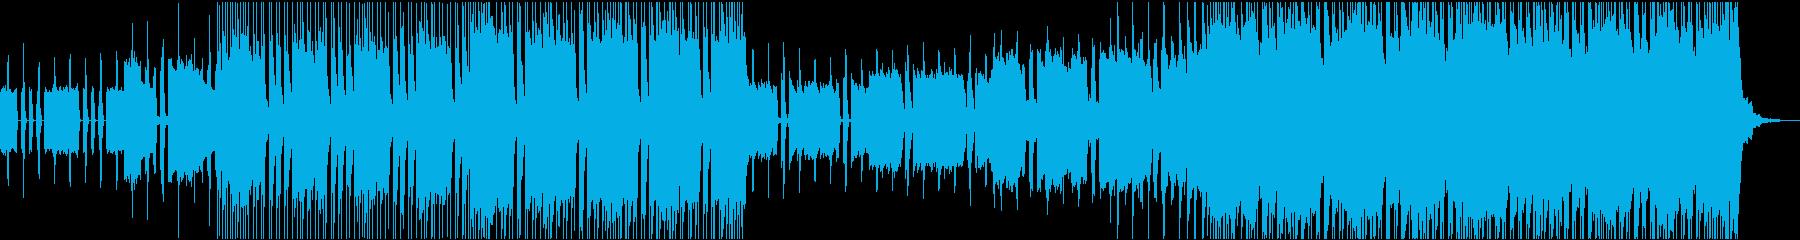 ノリのいい切れ味鋭いシンプルなロックの再生済みの波形